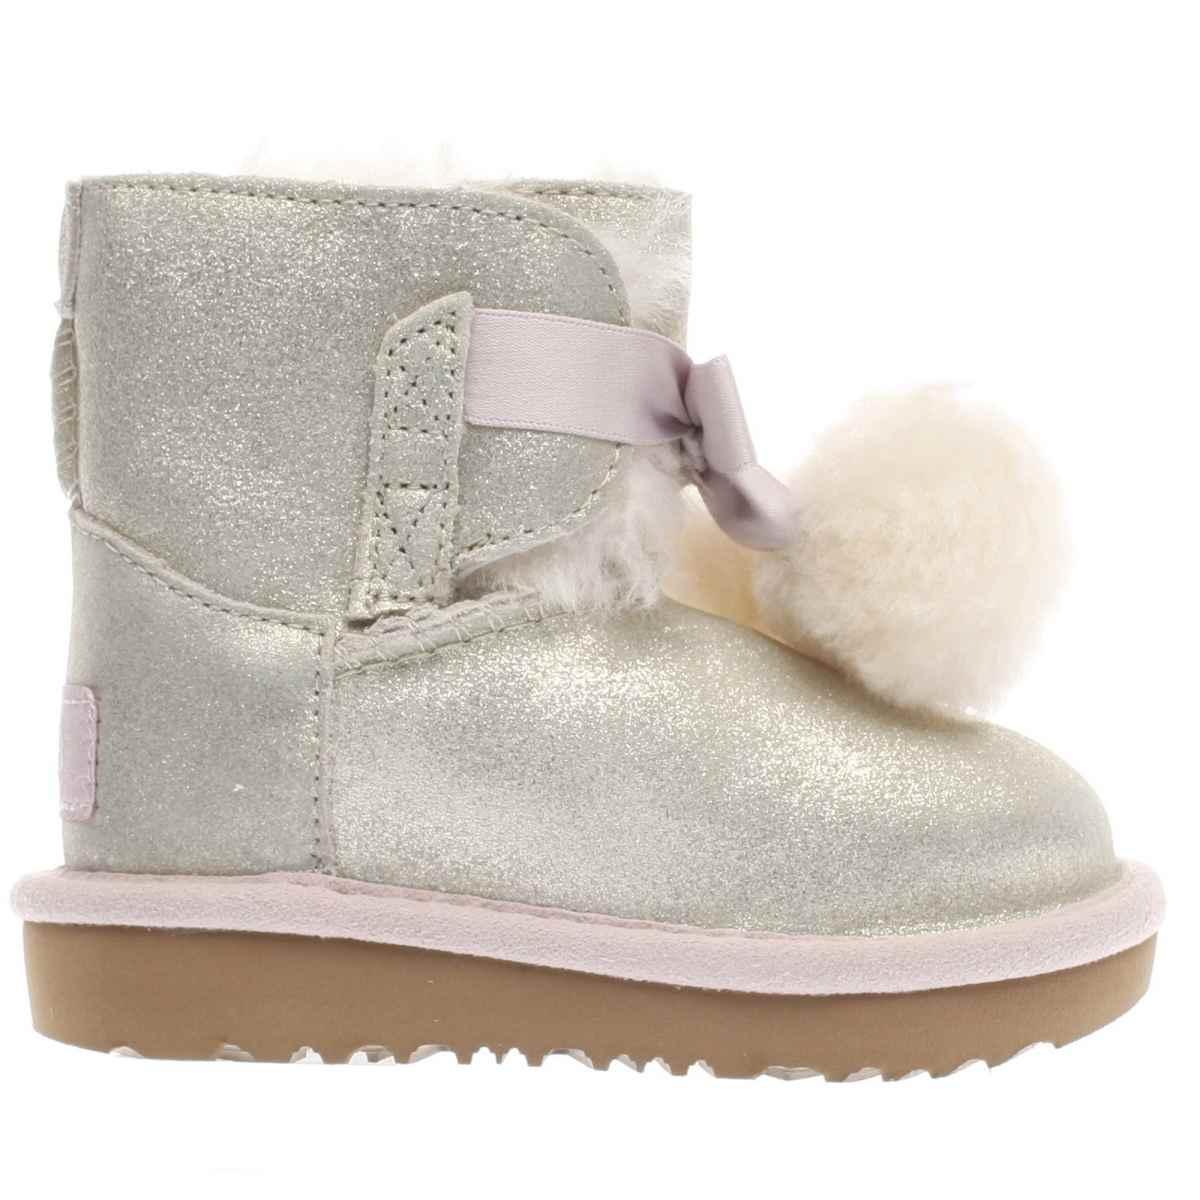 ugg gold gita metallic Girls Toddler Boots